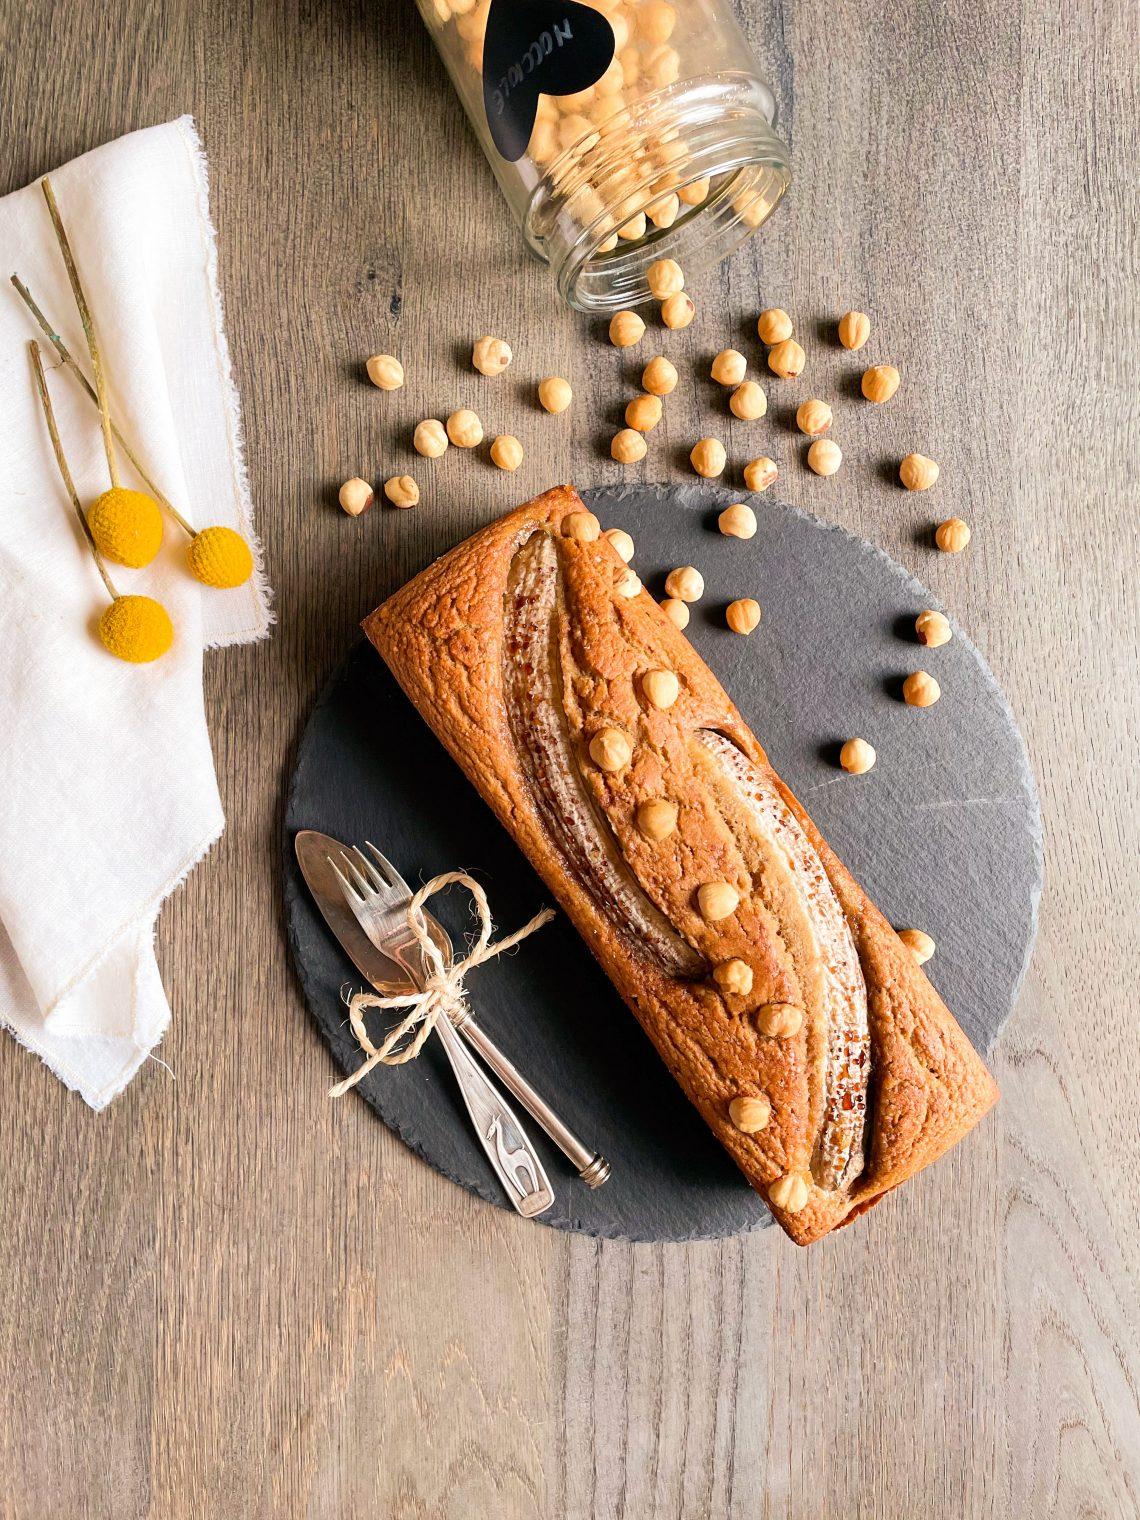 Banana bread con farina di riso integrale, nocciole tritate, banane frullate, senza latticini con latte di soia